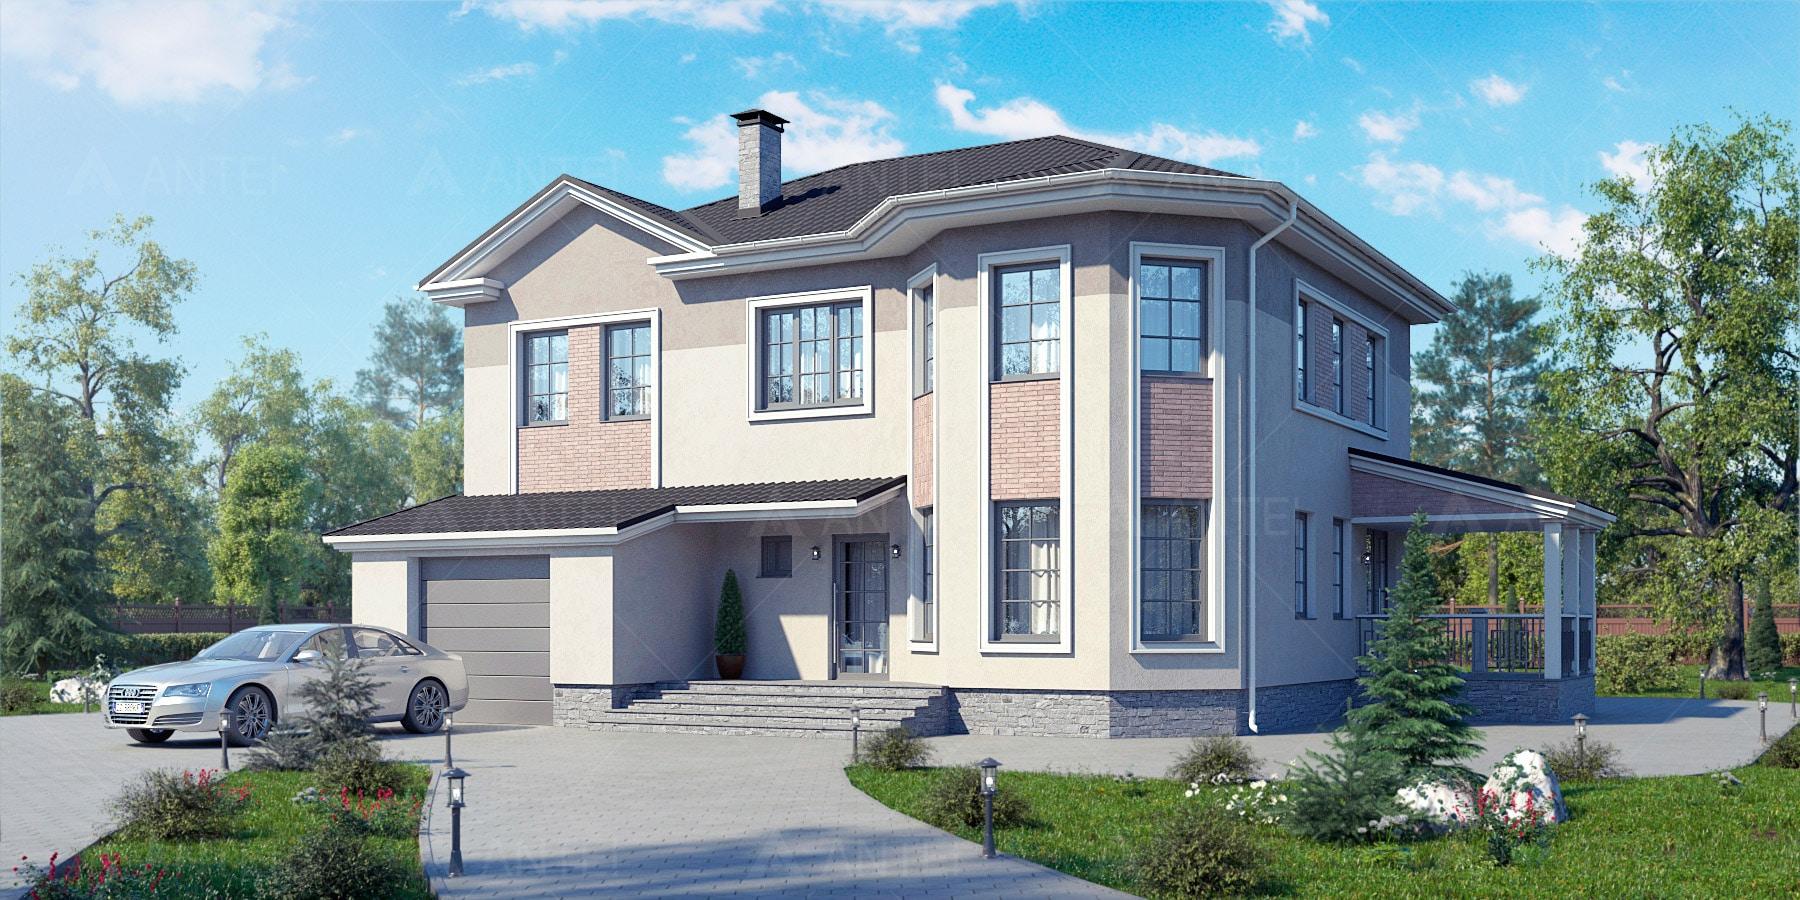 Проект двухэтажного дома с гаражом, террасой «КД-32» - фото №1